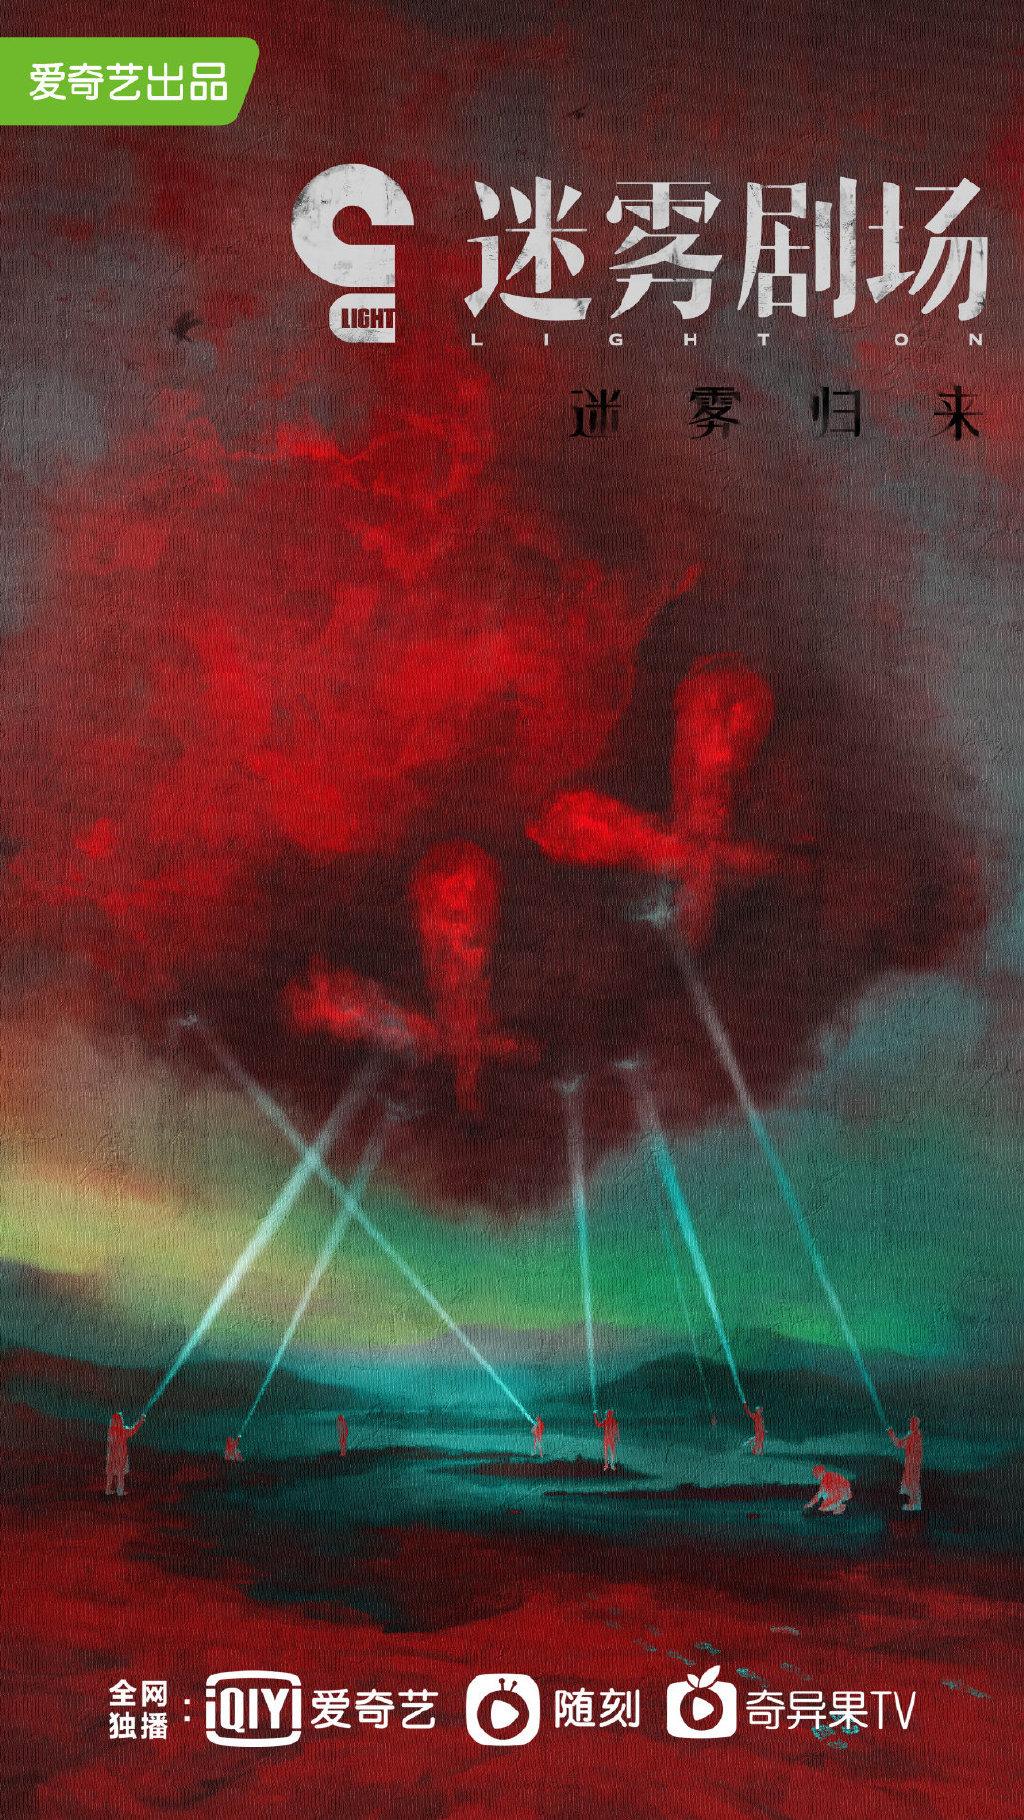 爱奇艺迷雾剧场发布海报和新版片头,正式宣布回归